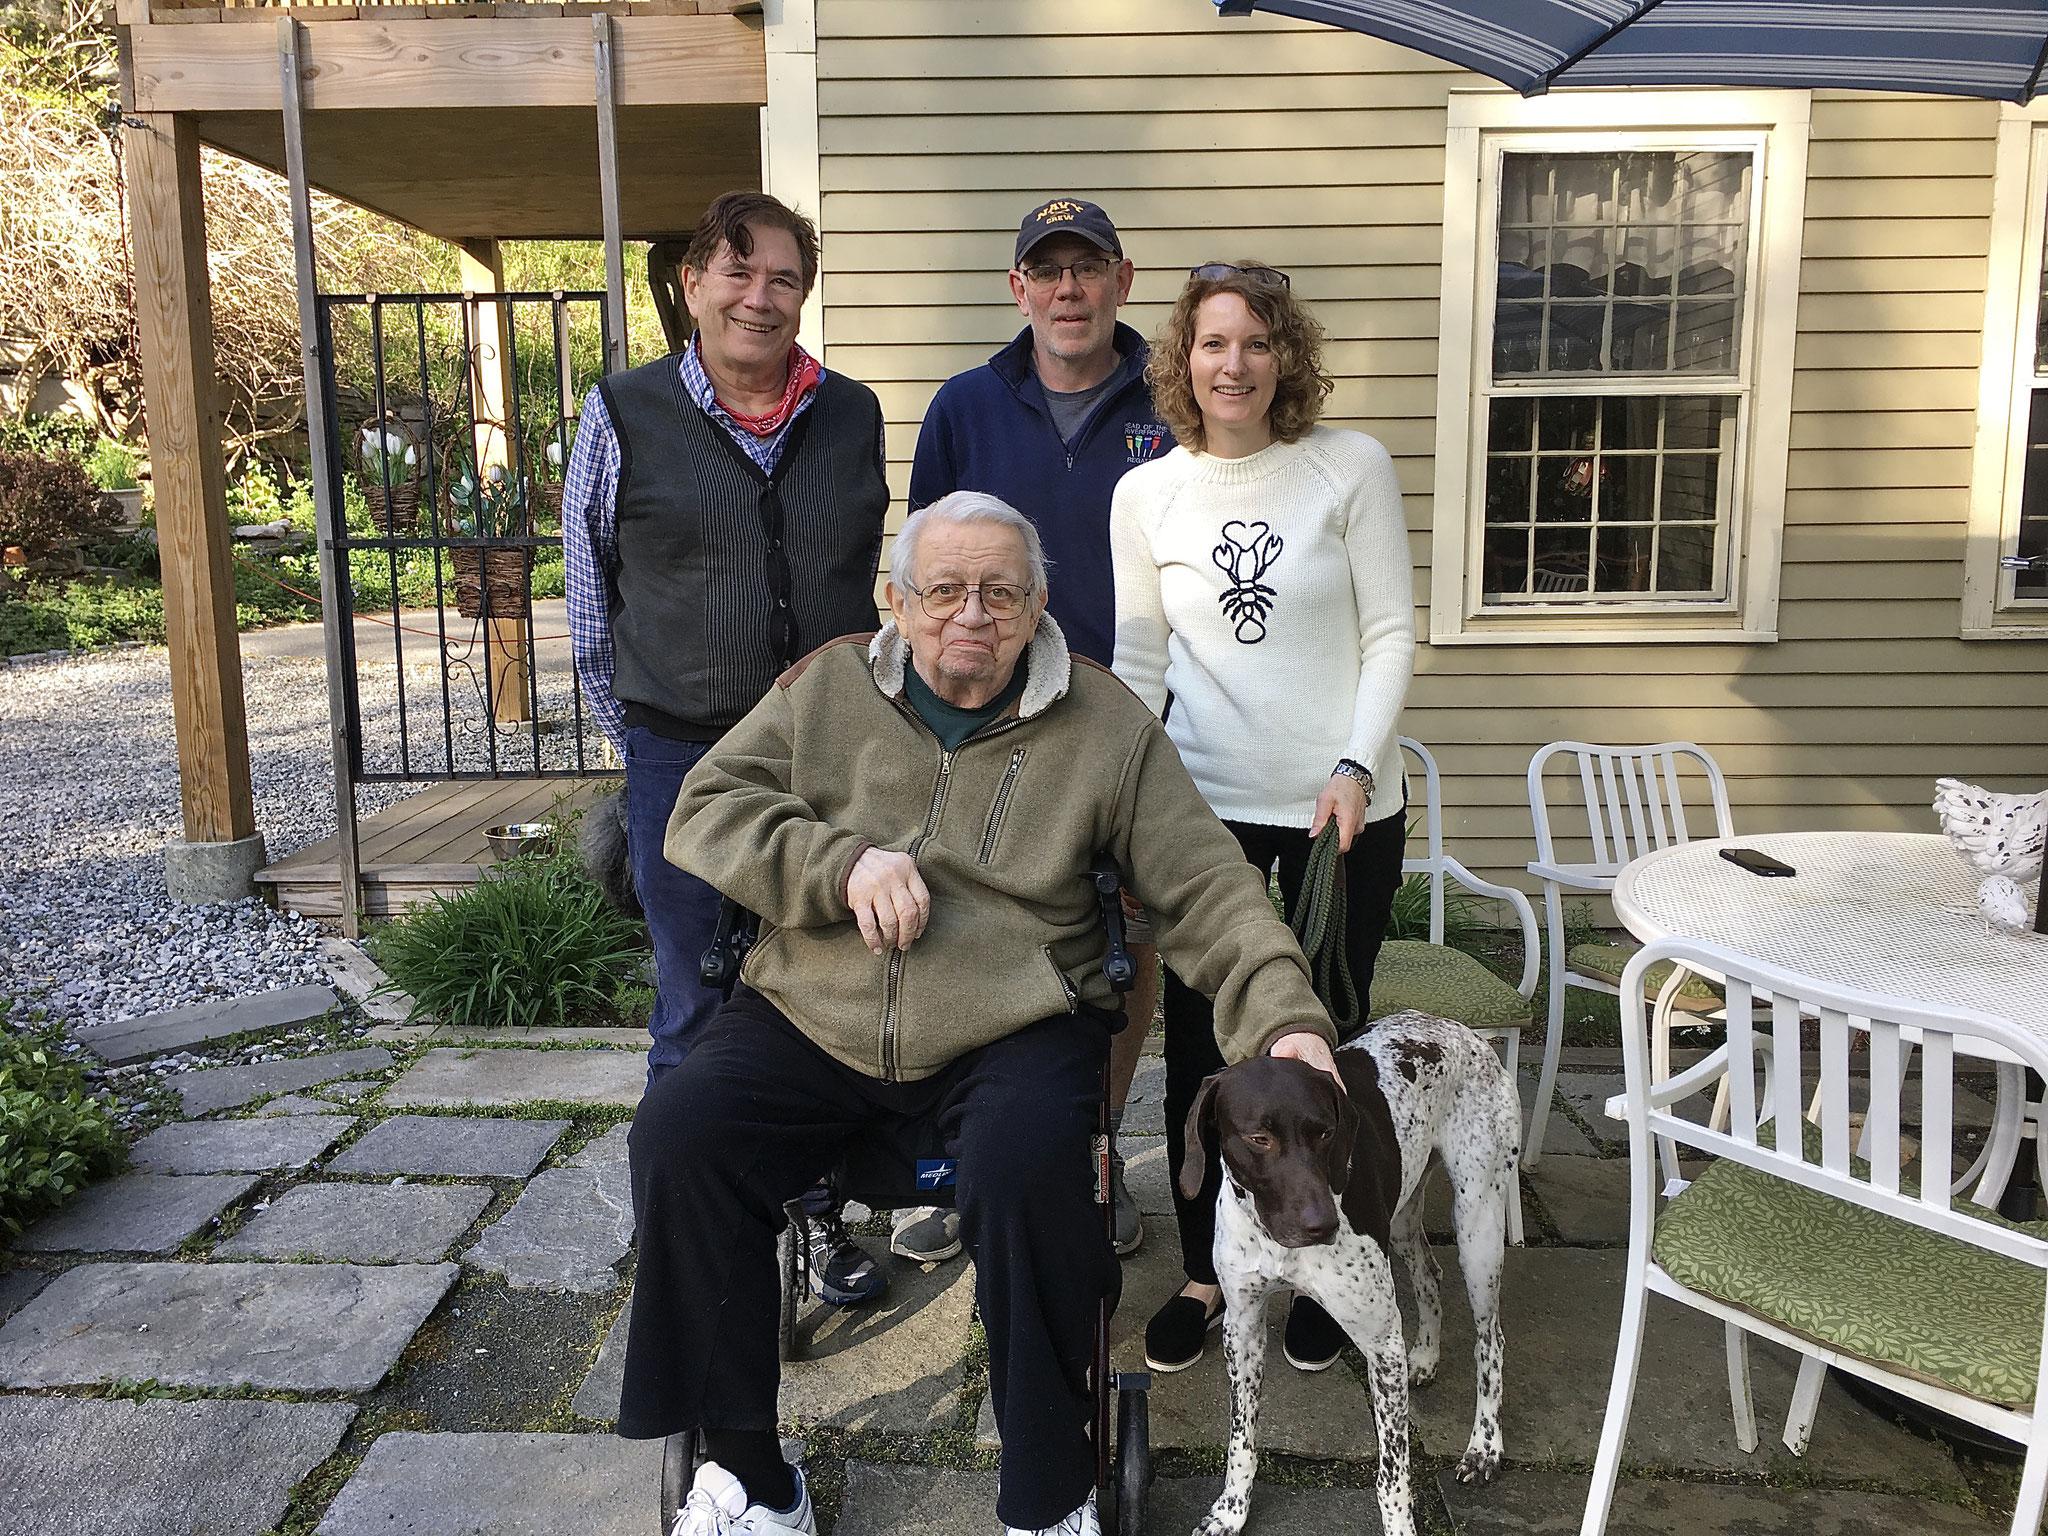 John, Colin, Colin Jr., Lisa, and Tex, the new dog   5-1-2021